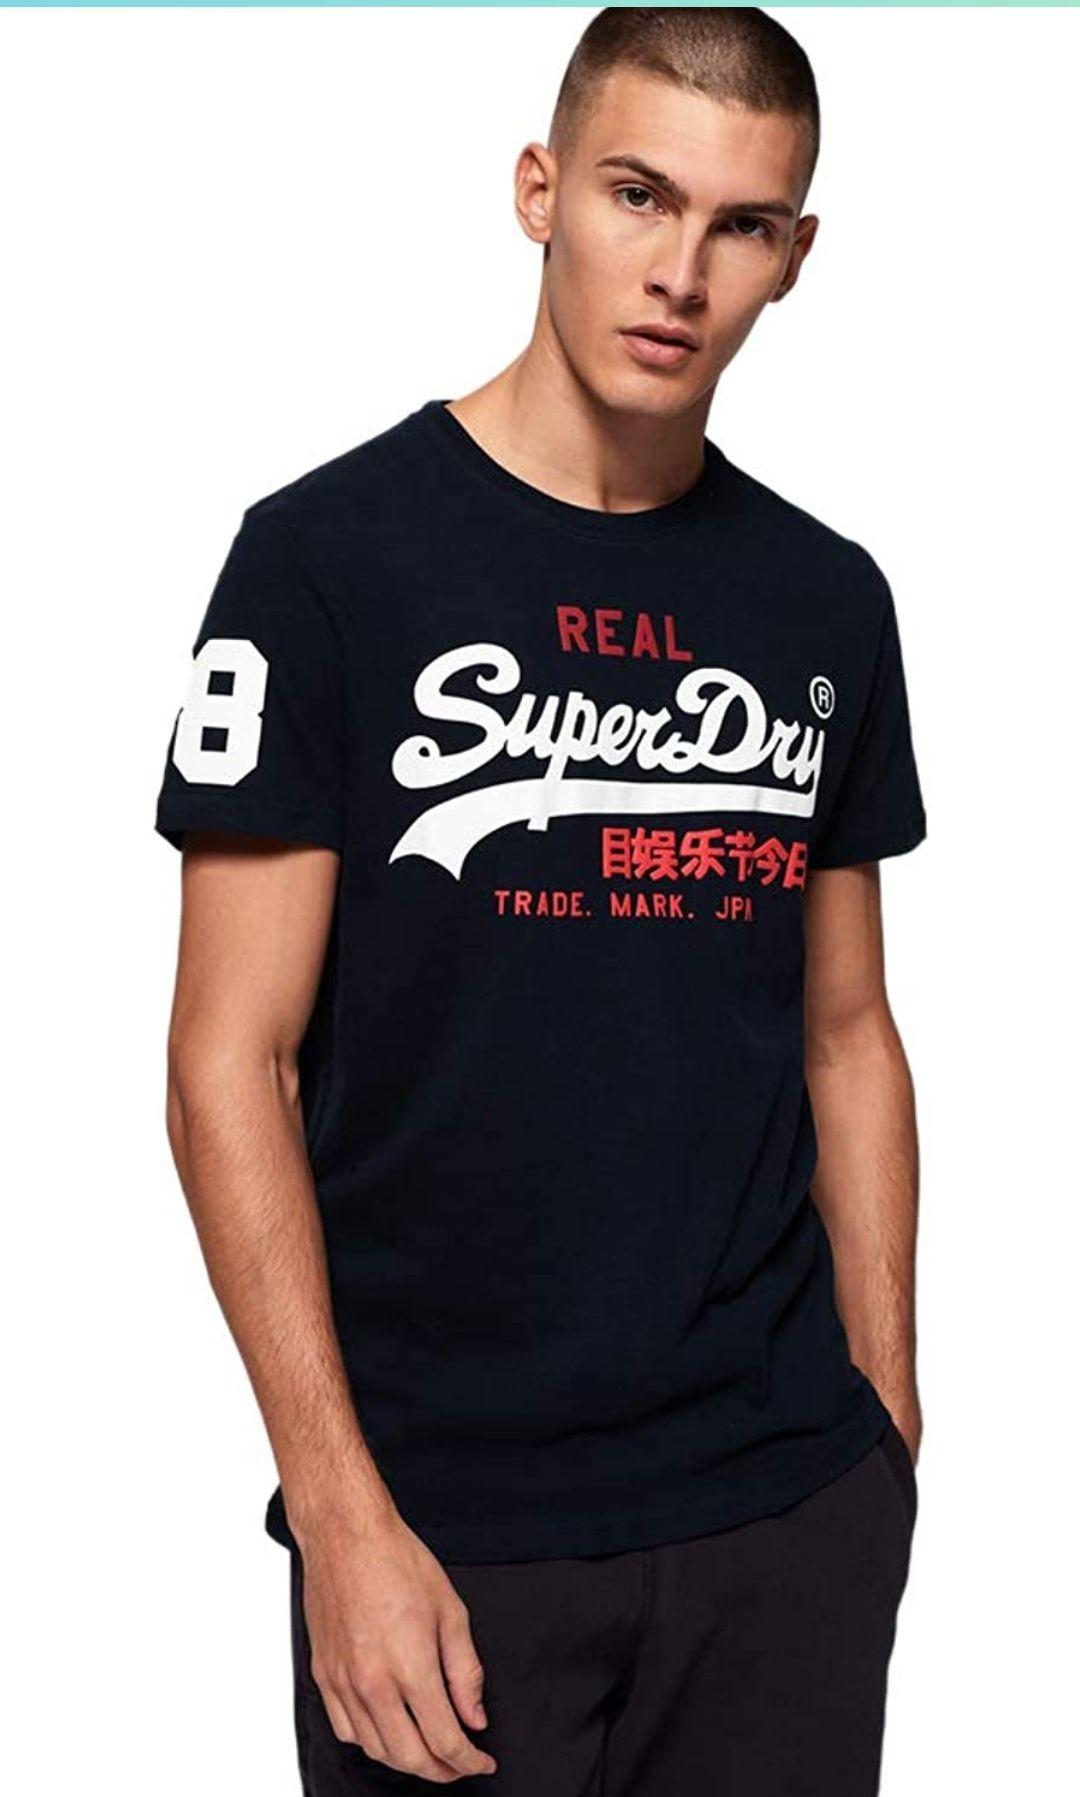 Camiseta superdry tallas M, L y XL. En gris a 15,79 en XS y L.